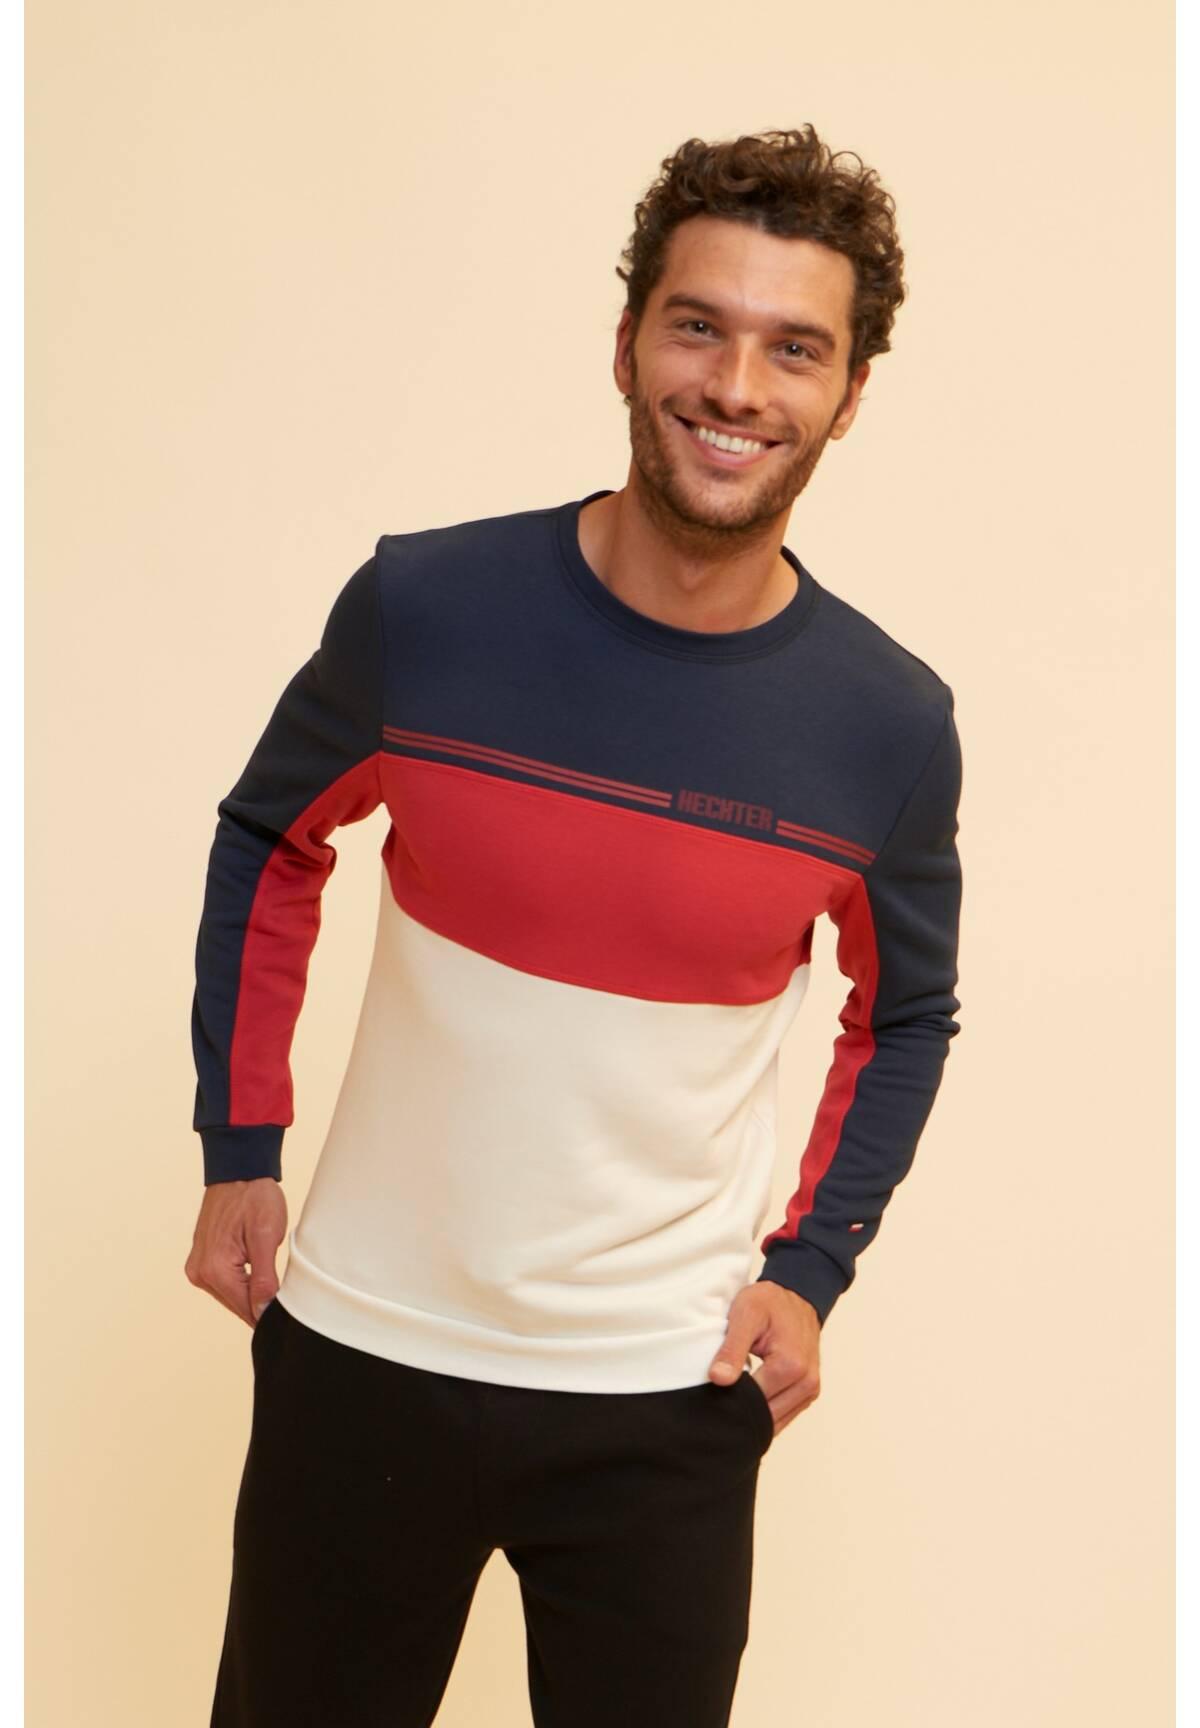 DH-ECO Shirt / SWEAT CREWNECK